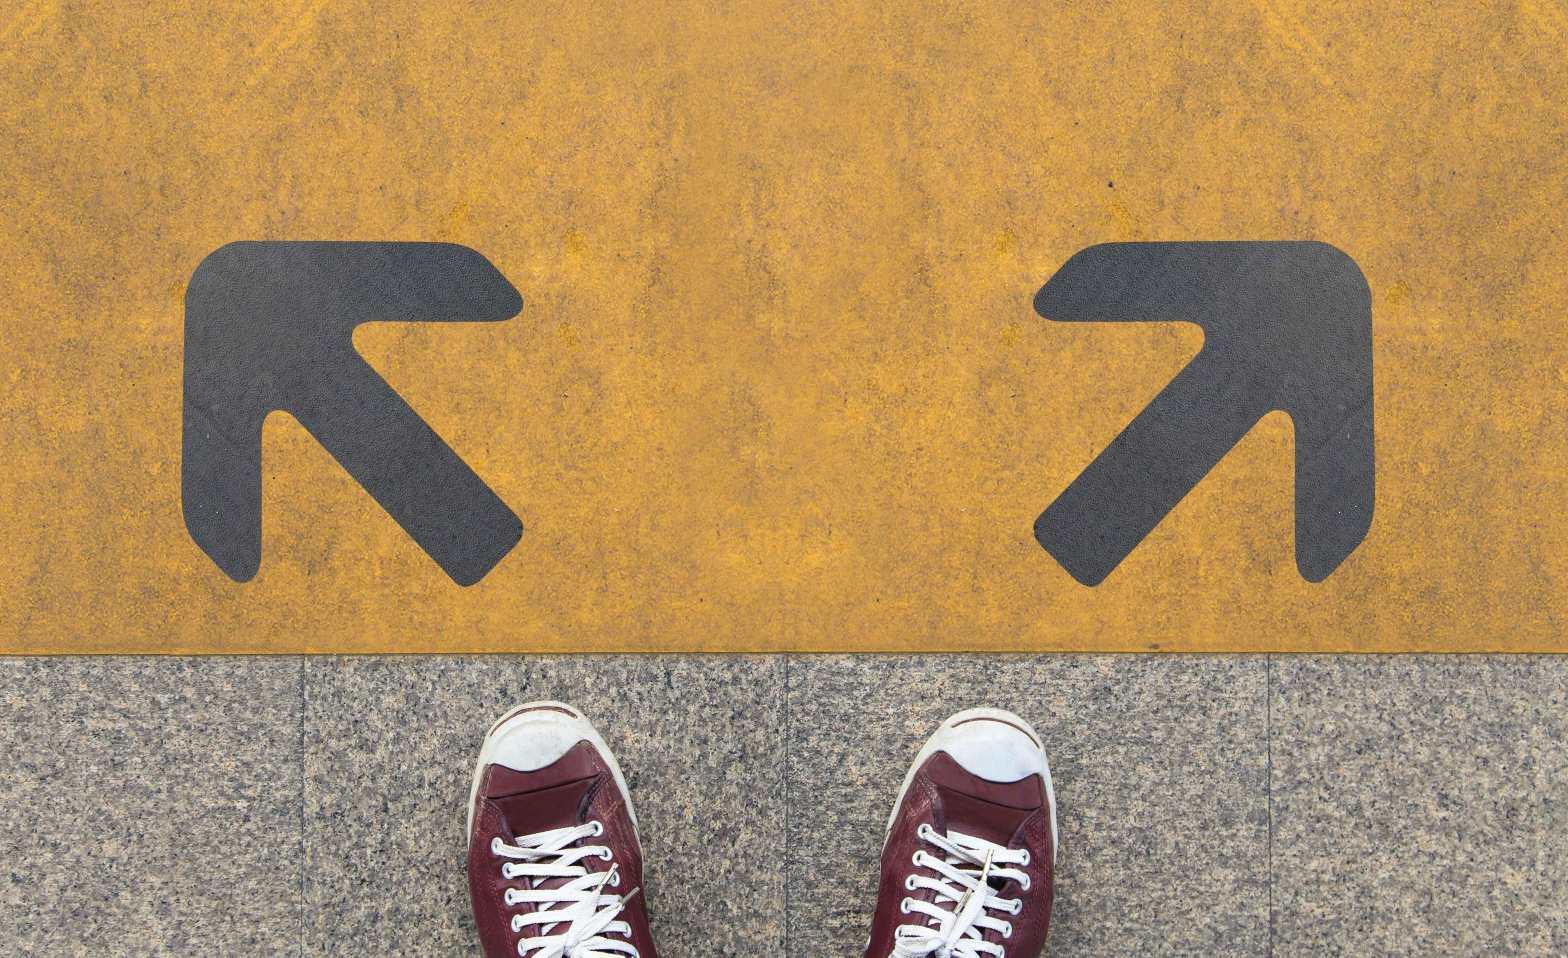 Karar ile ilgili güzel sözler